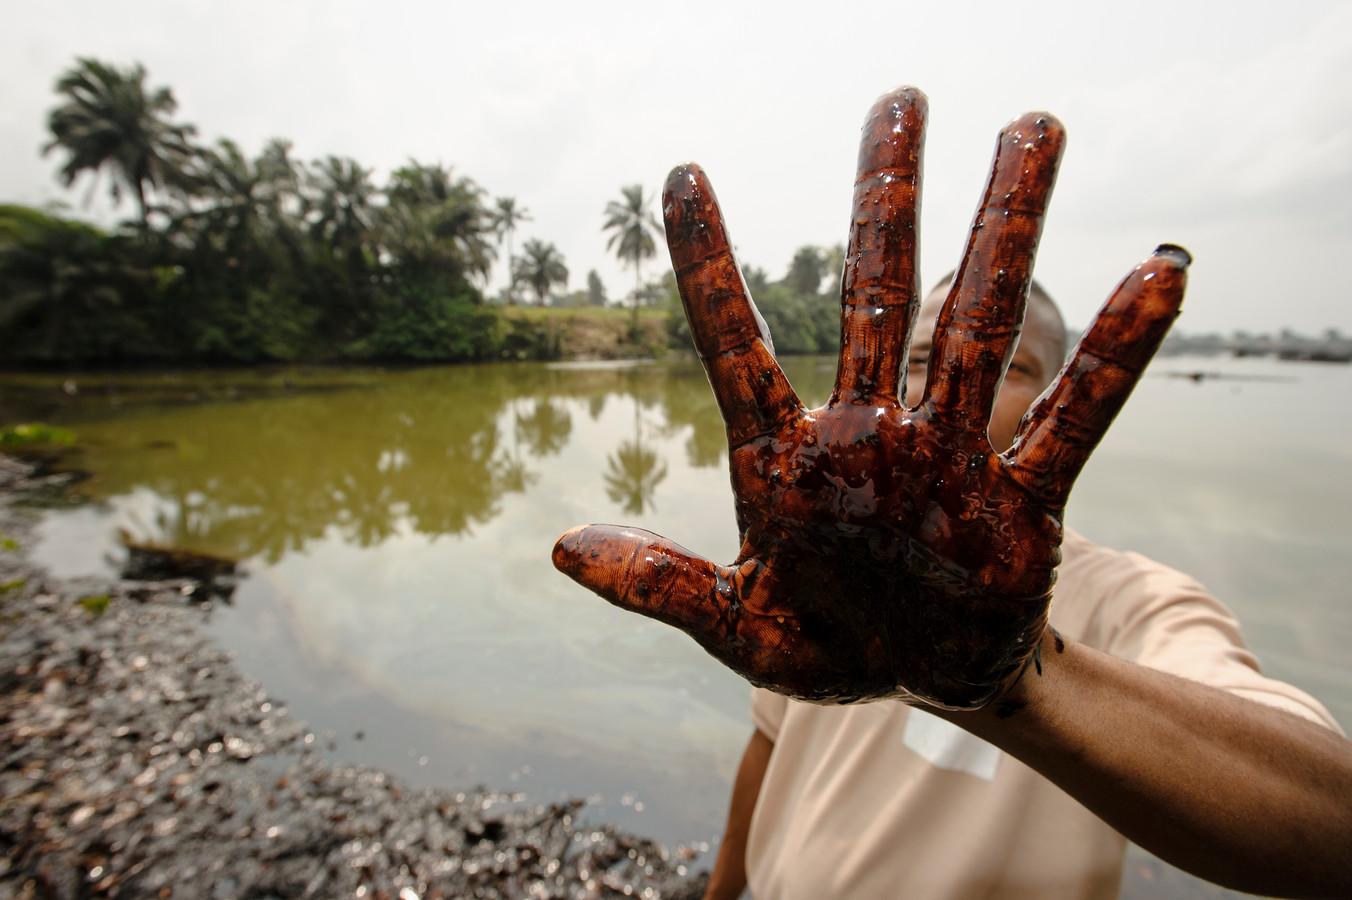 Een inwoner van Goi (Ogoniland, Nigeria) toont zijn hand die besmeurd is met ruwe olie. Oliewinning zorgde in het verleden voor veel schade in het gebied.